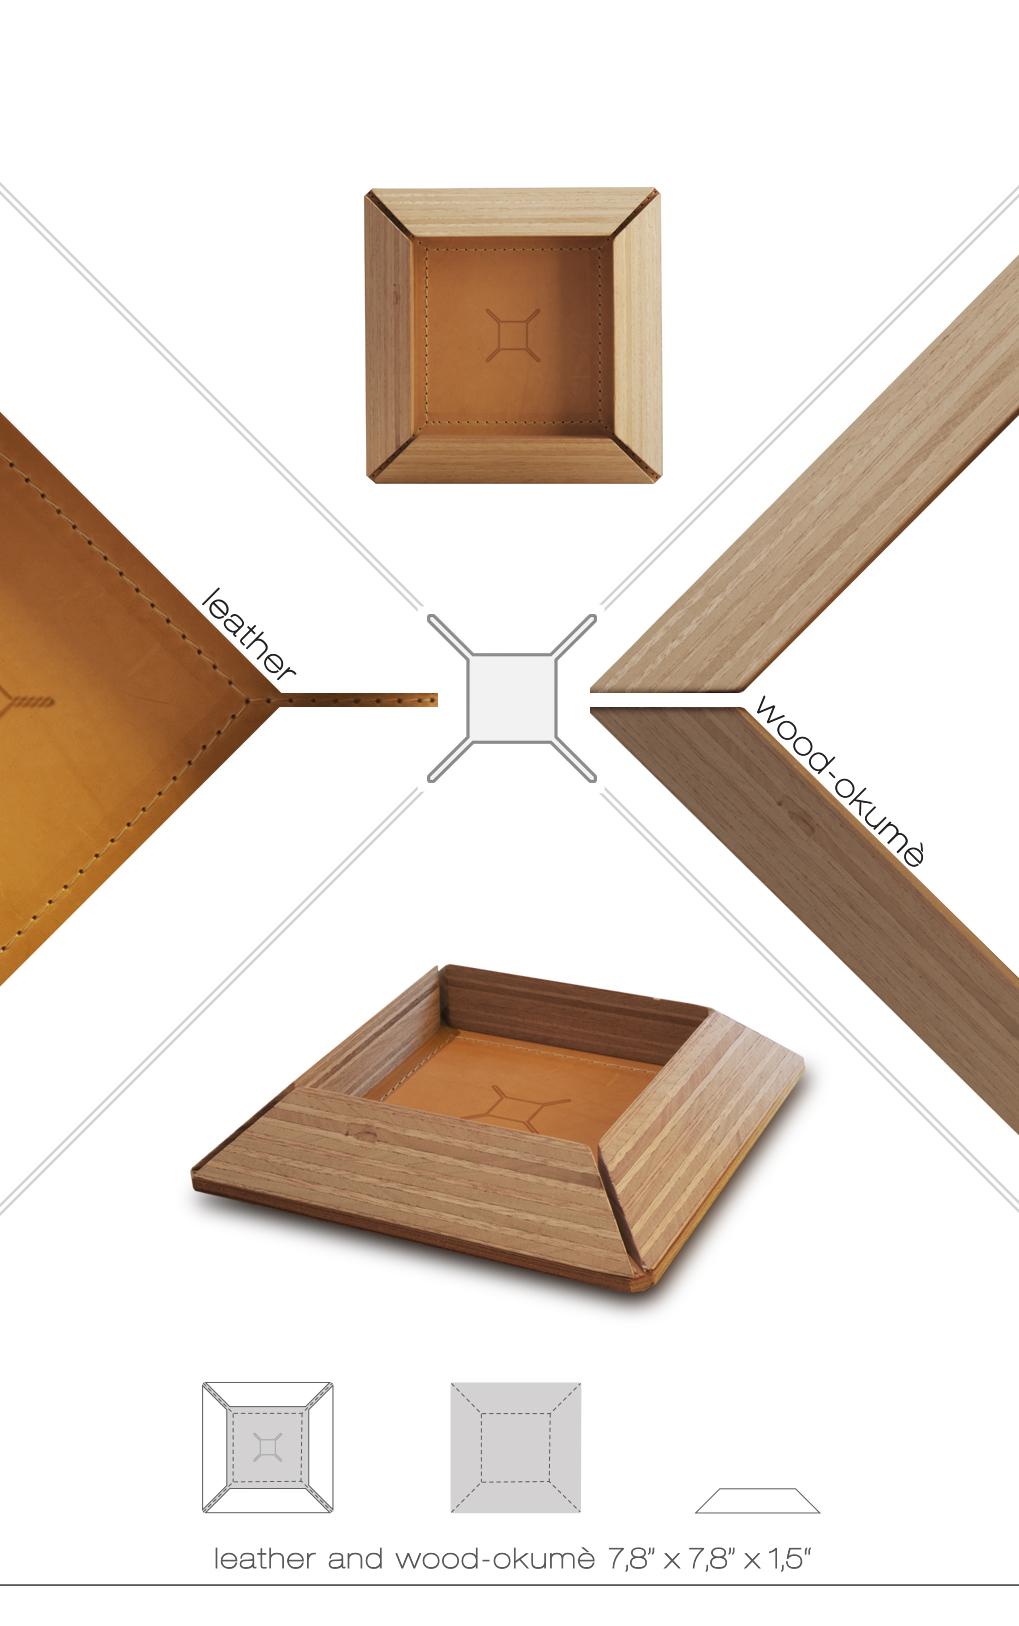 Svuota tasche LUX3 in pelle e legno LUX3